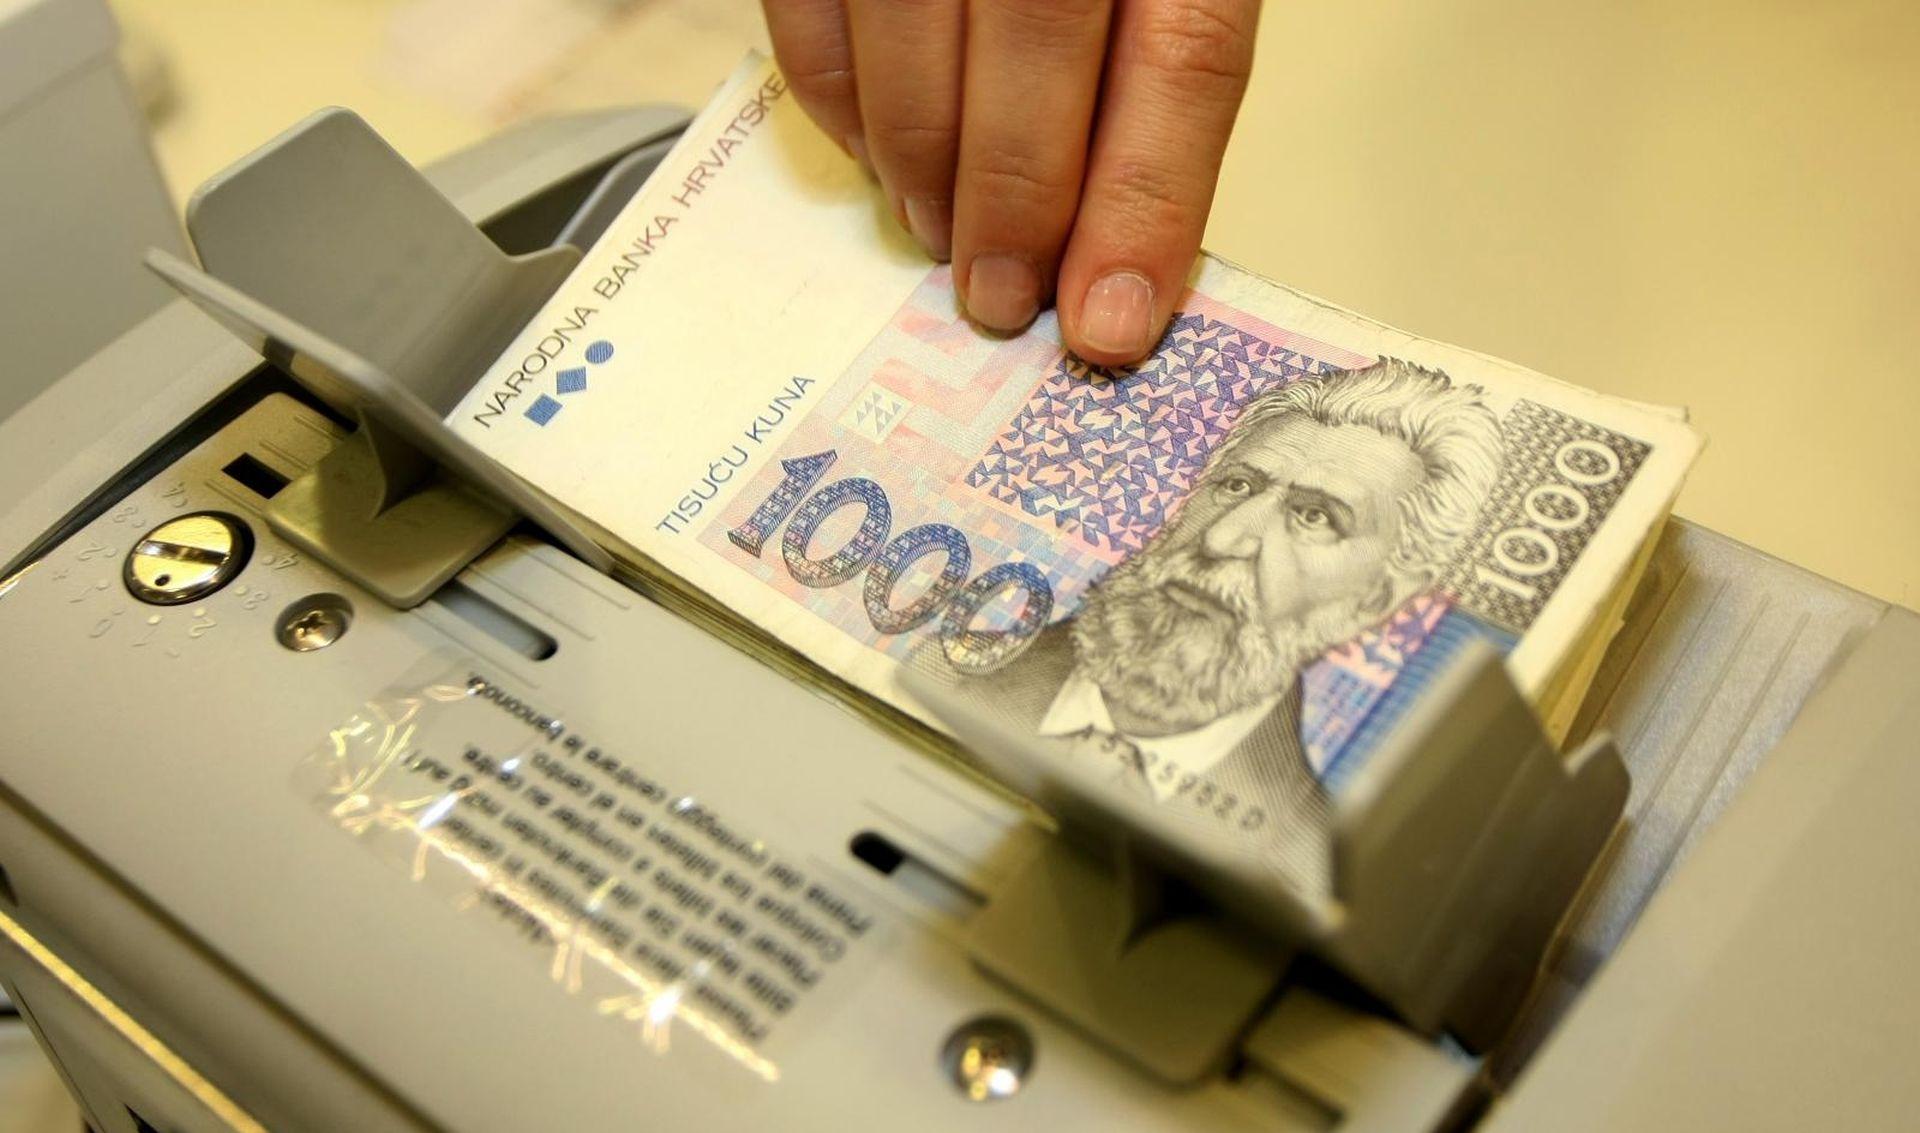 Obrtnici si mogu isplatiti neoporezivu nagradu do 5.000 kuna godišnje